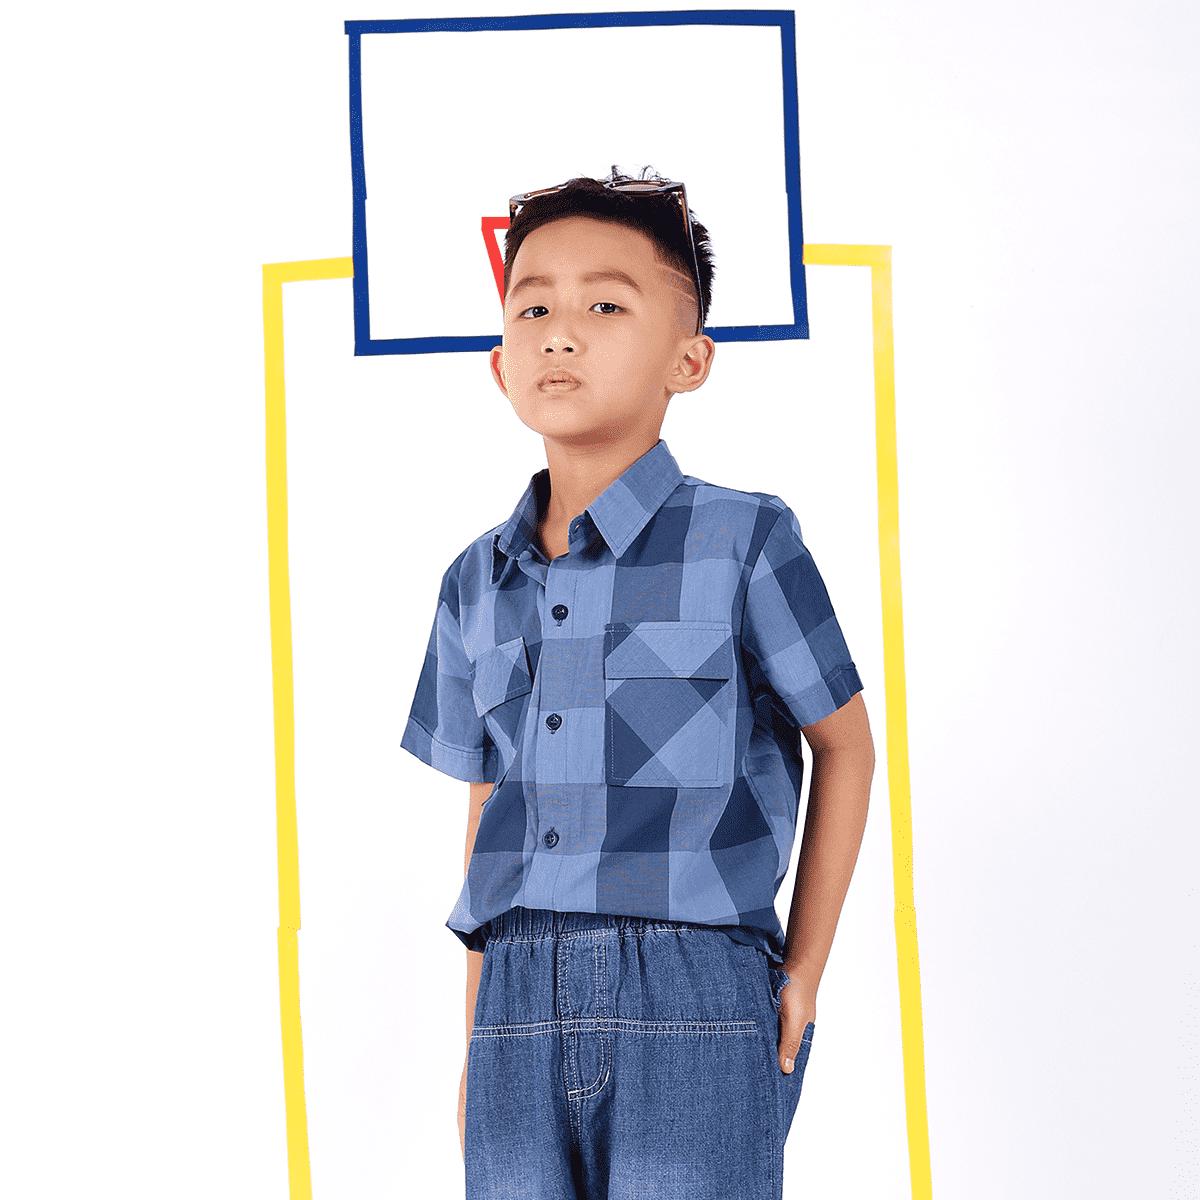 Áo sơ mi cộc tay bé trai từ 7 đến 12 tuổi